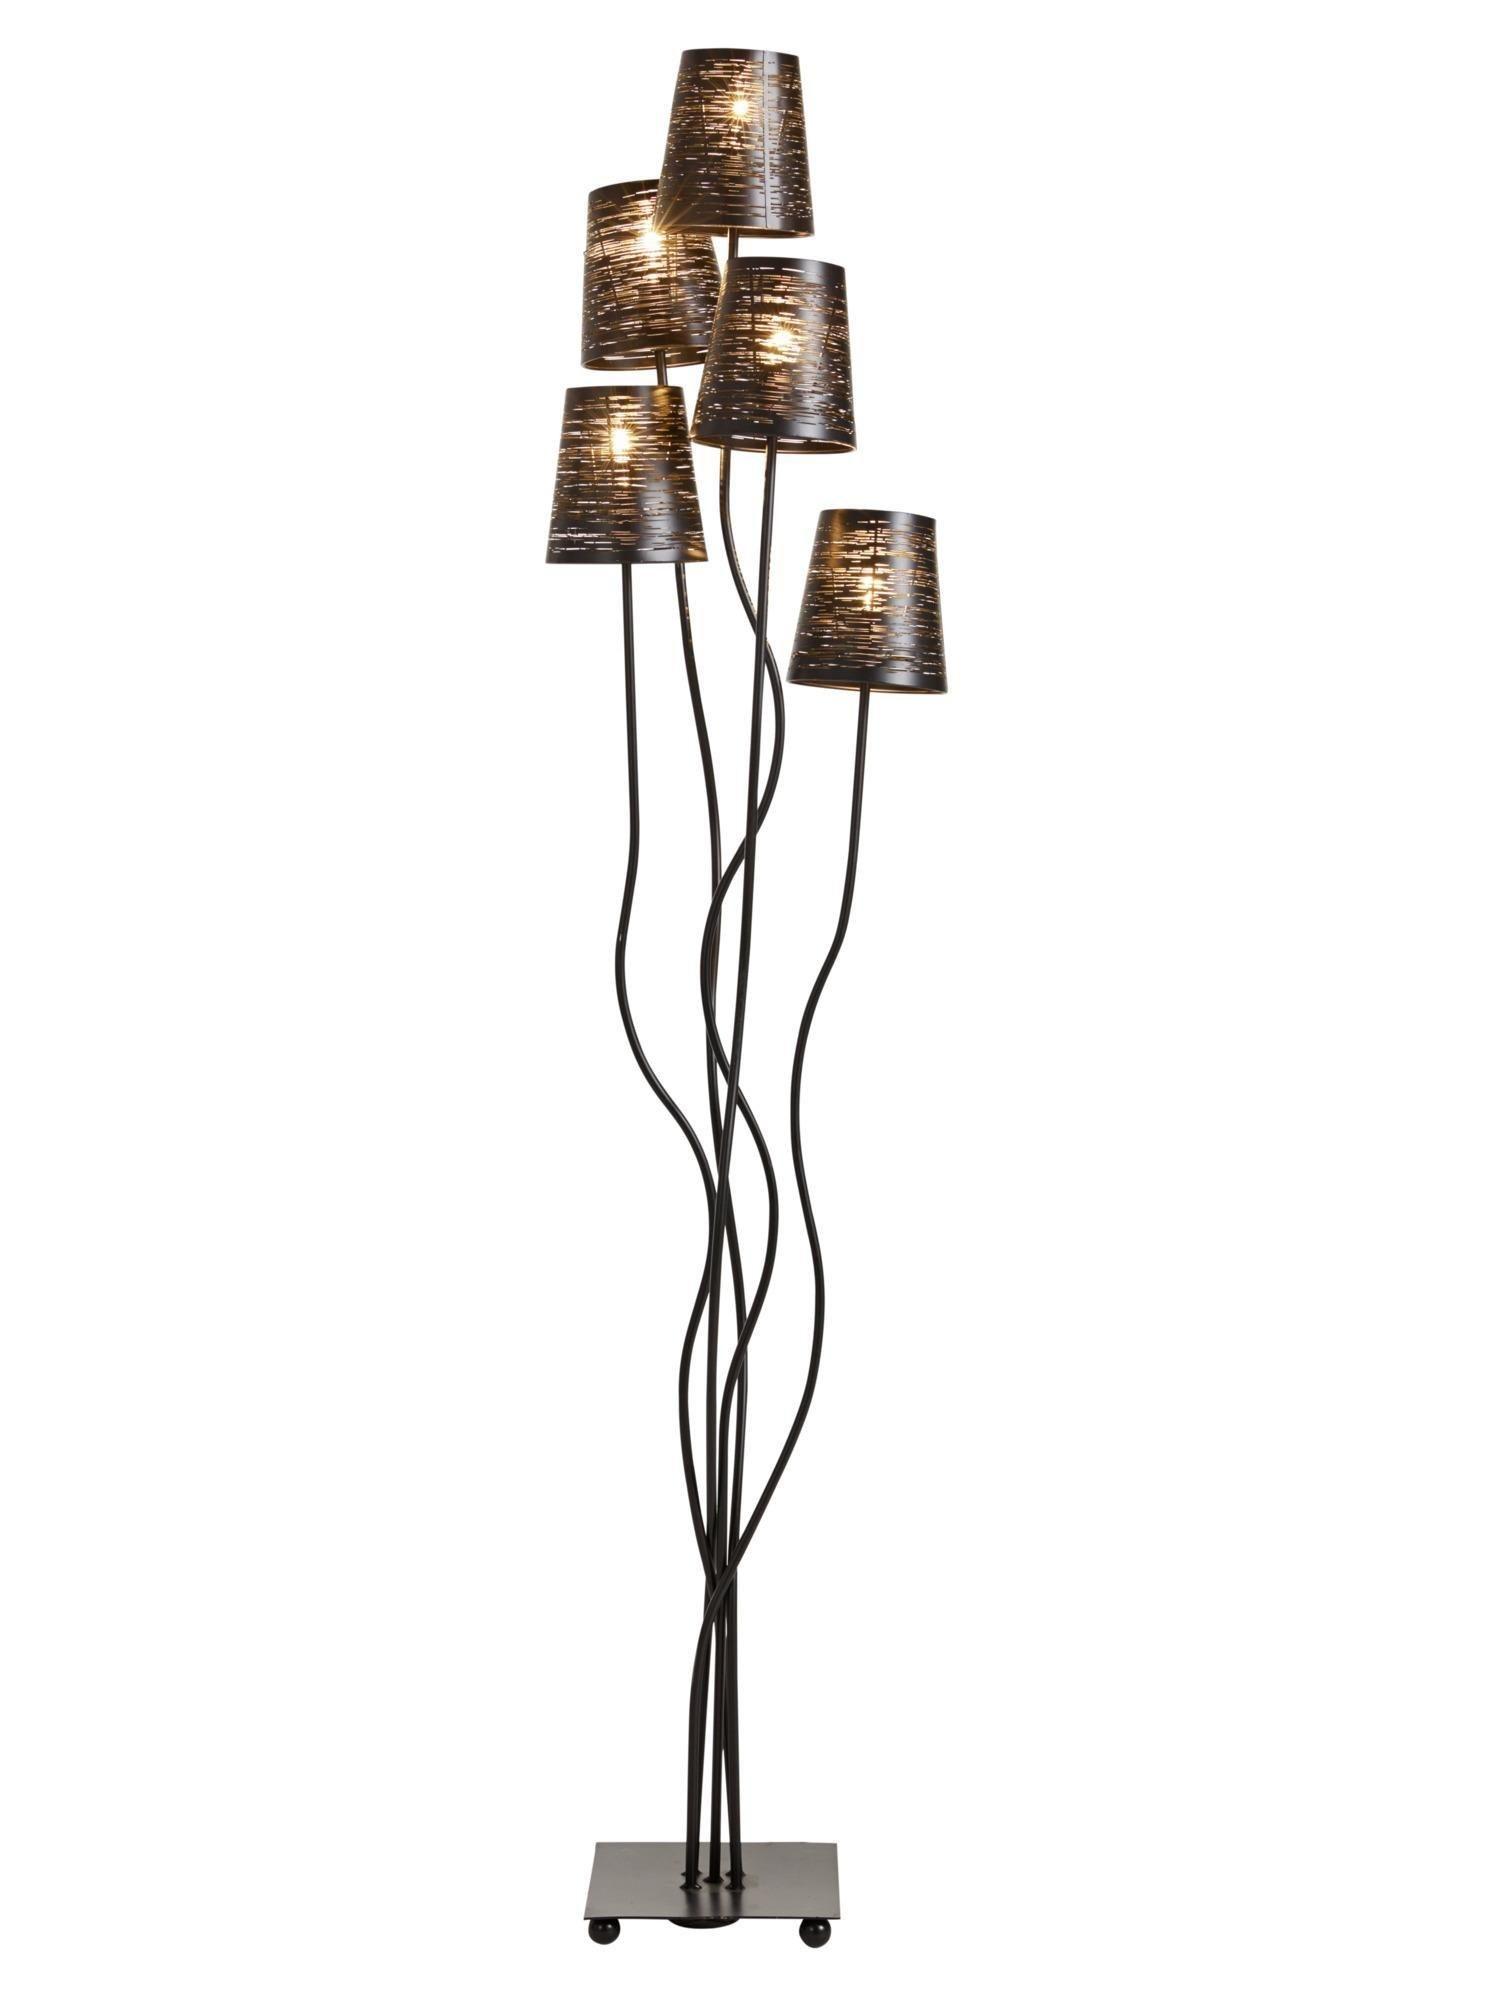 Full Size of Stehlampe Dimmbar Kinderzimmer Stehleuchte Mit Dimmer Holz Wohnzimmer Schlafzimmer Stehlampen Wohnzimmer Stehlampe Dimmbar